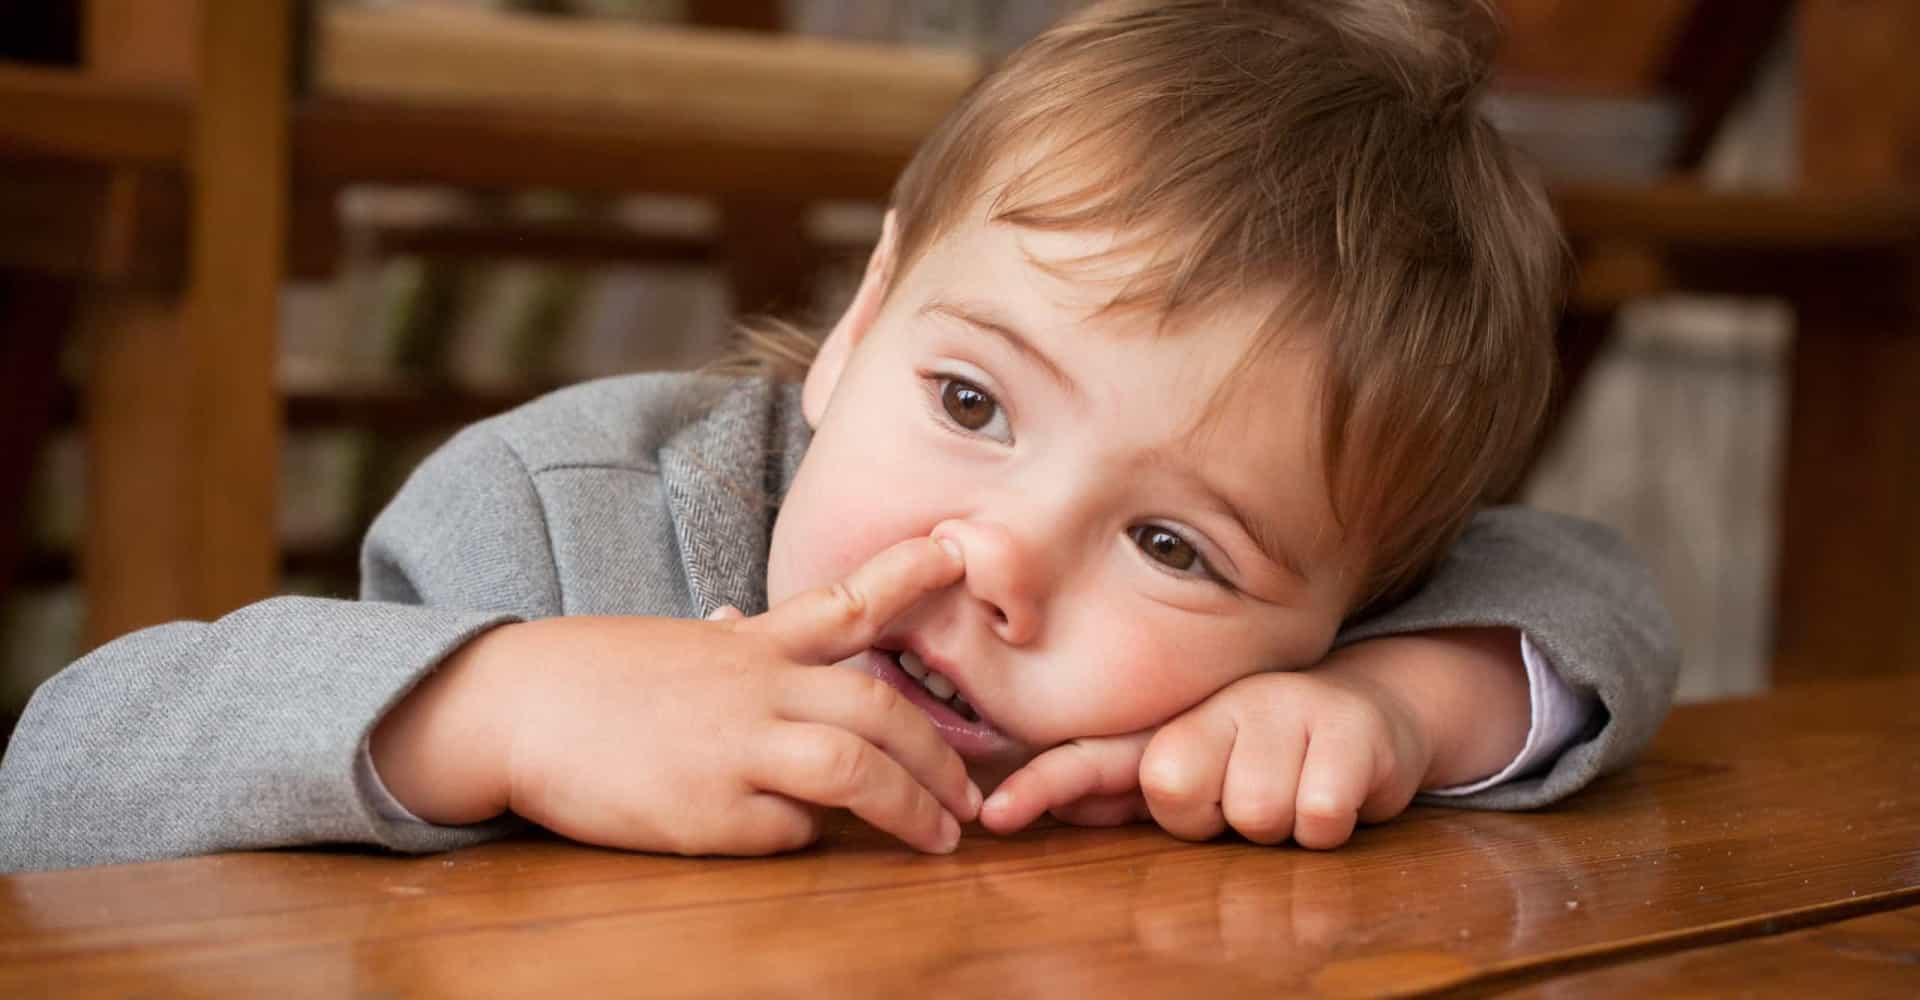 Vos habitudes d'enfant ont façonné l'adulte d'aujourd'hui